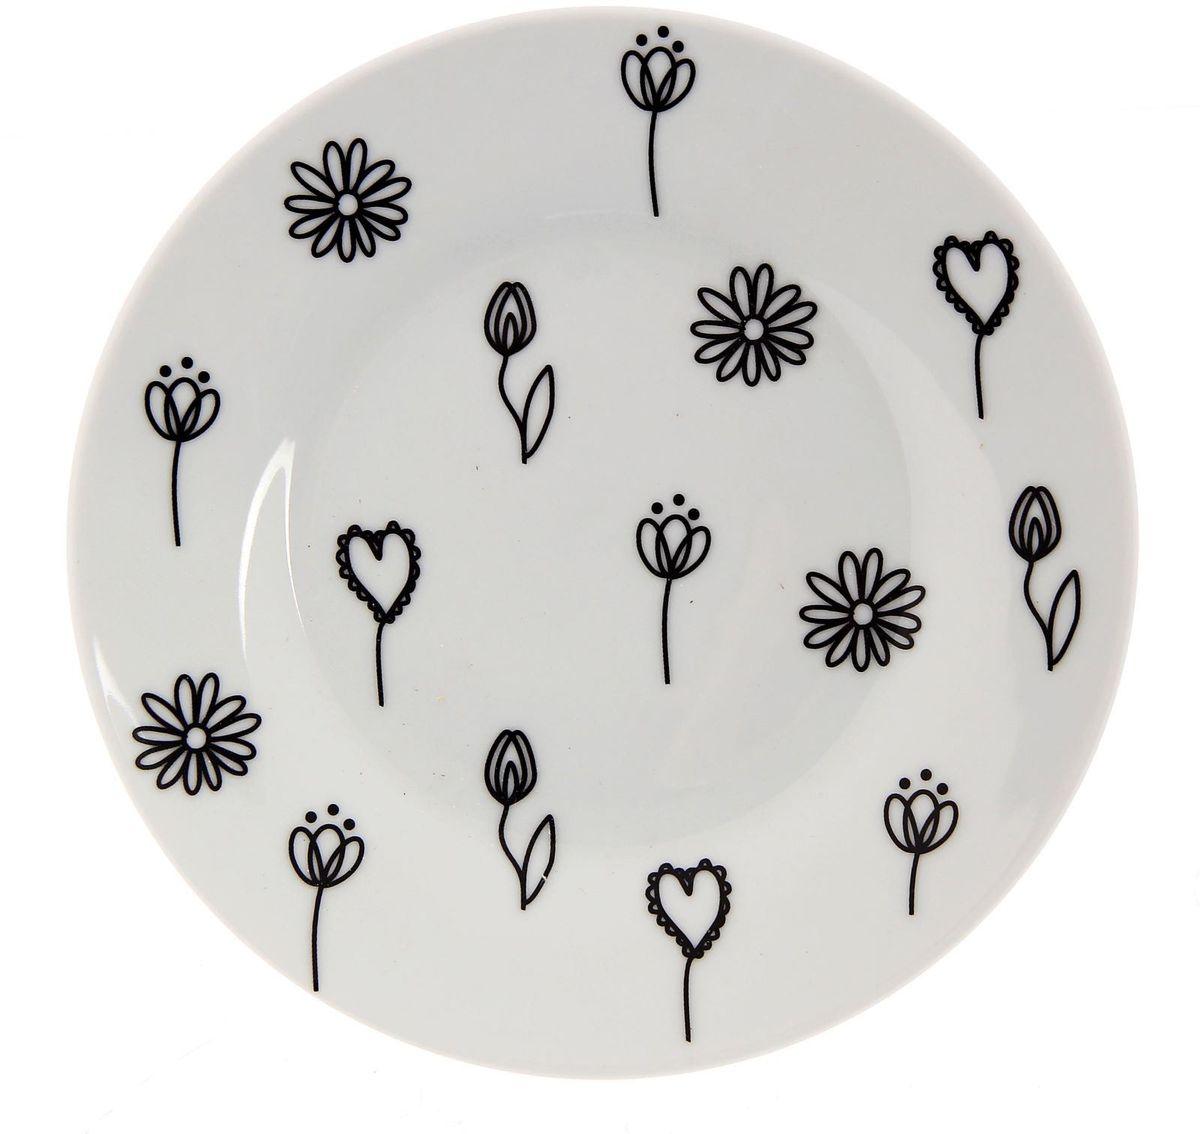 Тарелка мелкая Сотвори чудо Черный цветок, диаметр 15,5 см2277865Хотите обновить интерьер кухни или гостиной? Устраиваете необычную фотосессию или тематический праздник? А может, просто ищете подарок для близкого человека? Посуда Сотвори Чудо — правильный выбор в любой ситуации. Тарелка Сотвори Чудо, изготовленная из изящного фаянса нежного сливочного цвета, оформлена оригинальным рисунком со стойкой краской. Пригодна для посудомоечной машины.